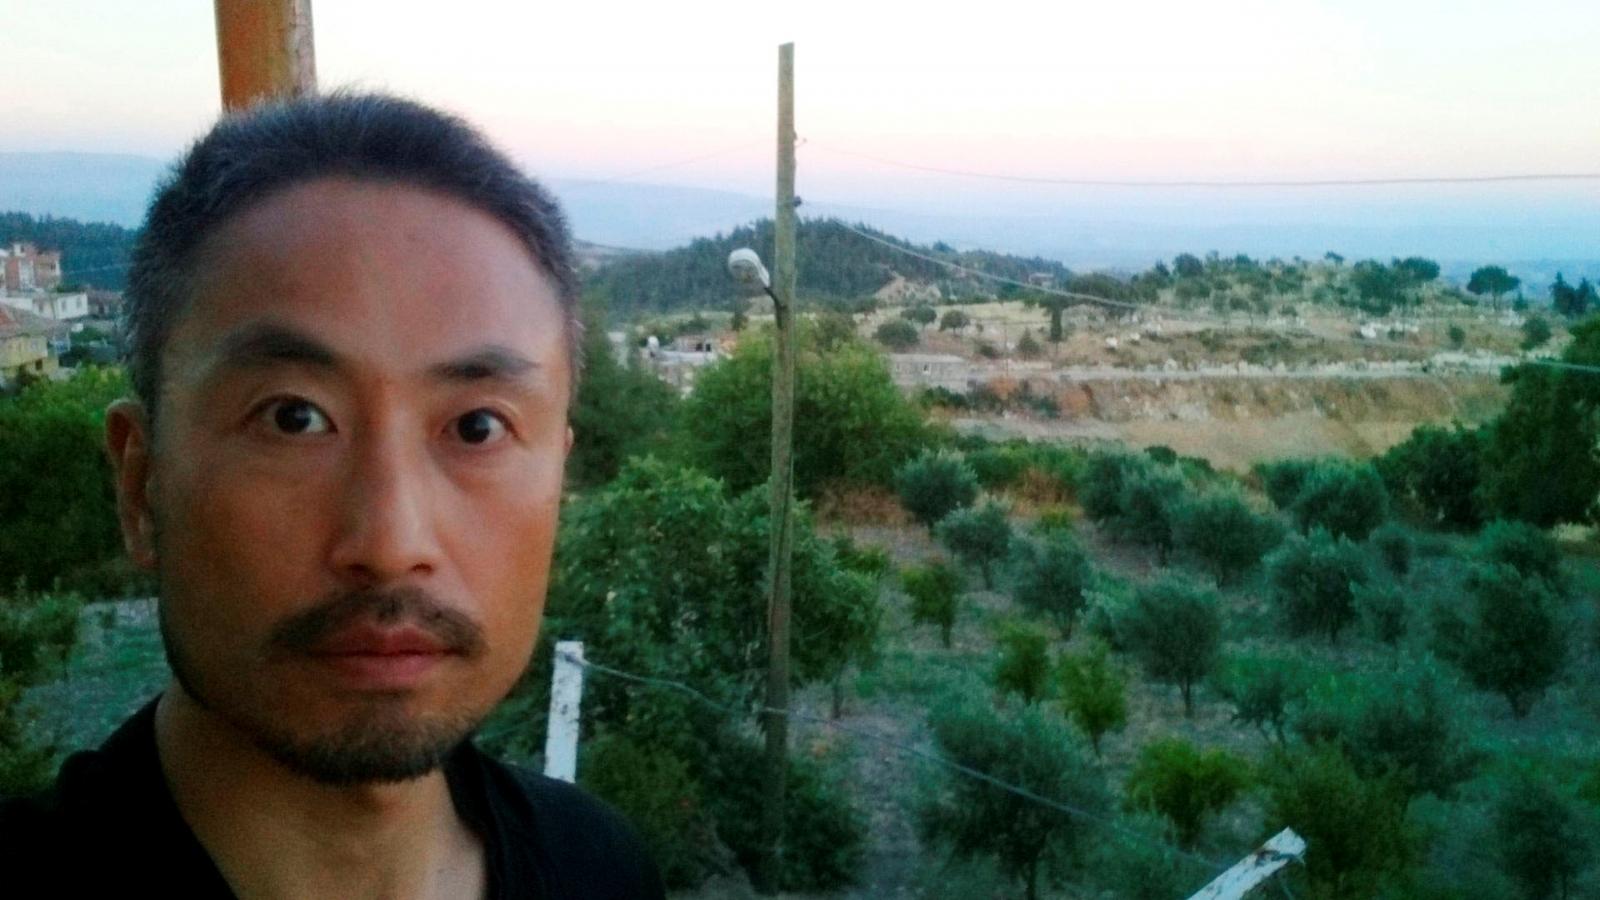 Japanes journalist Jumpei Yasuda